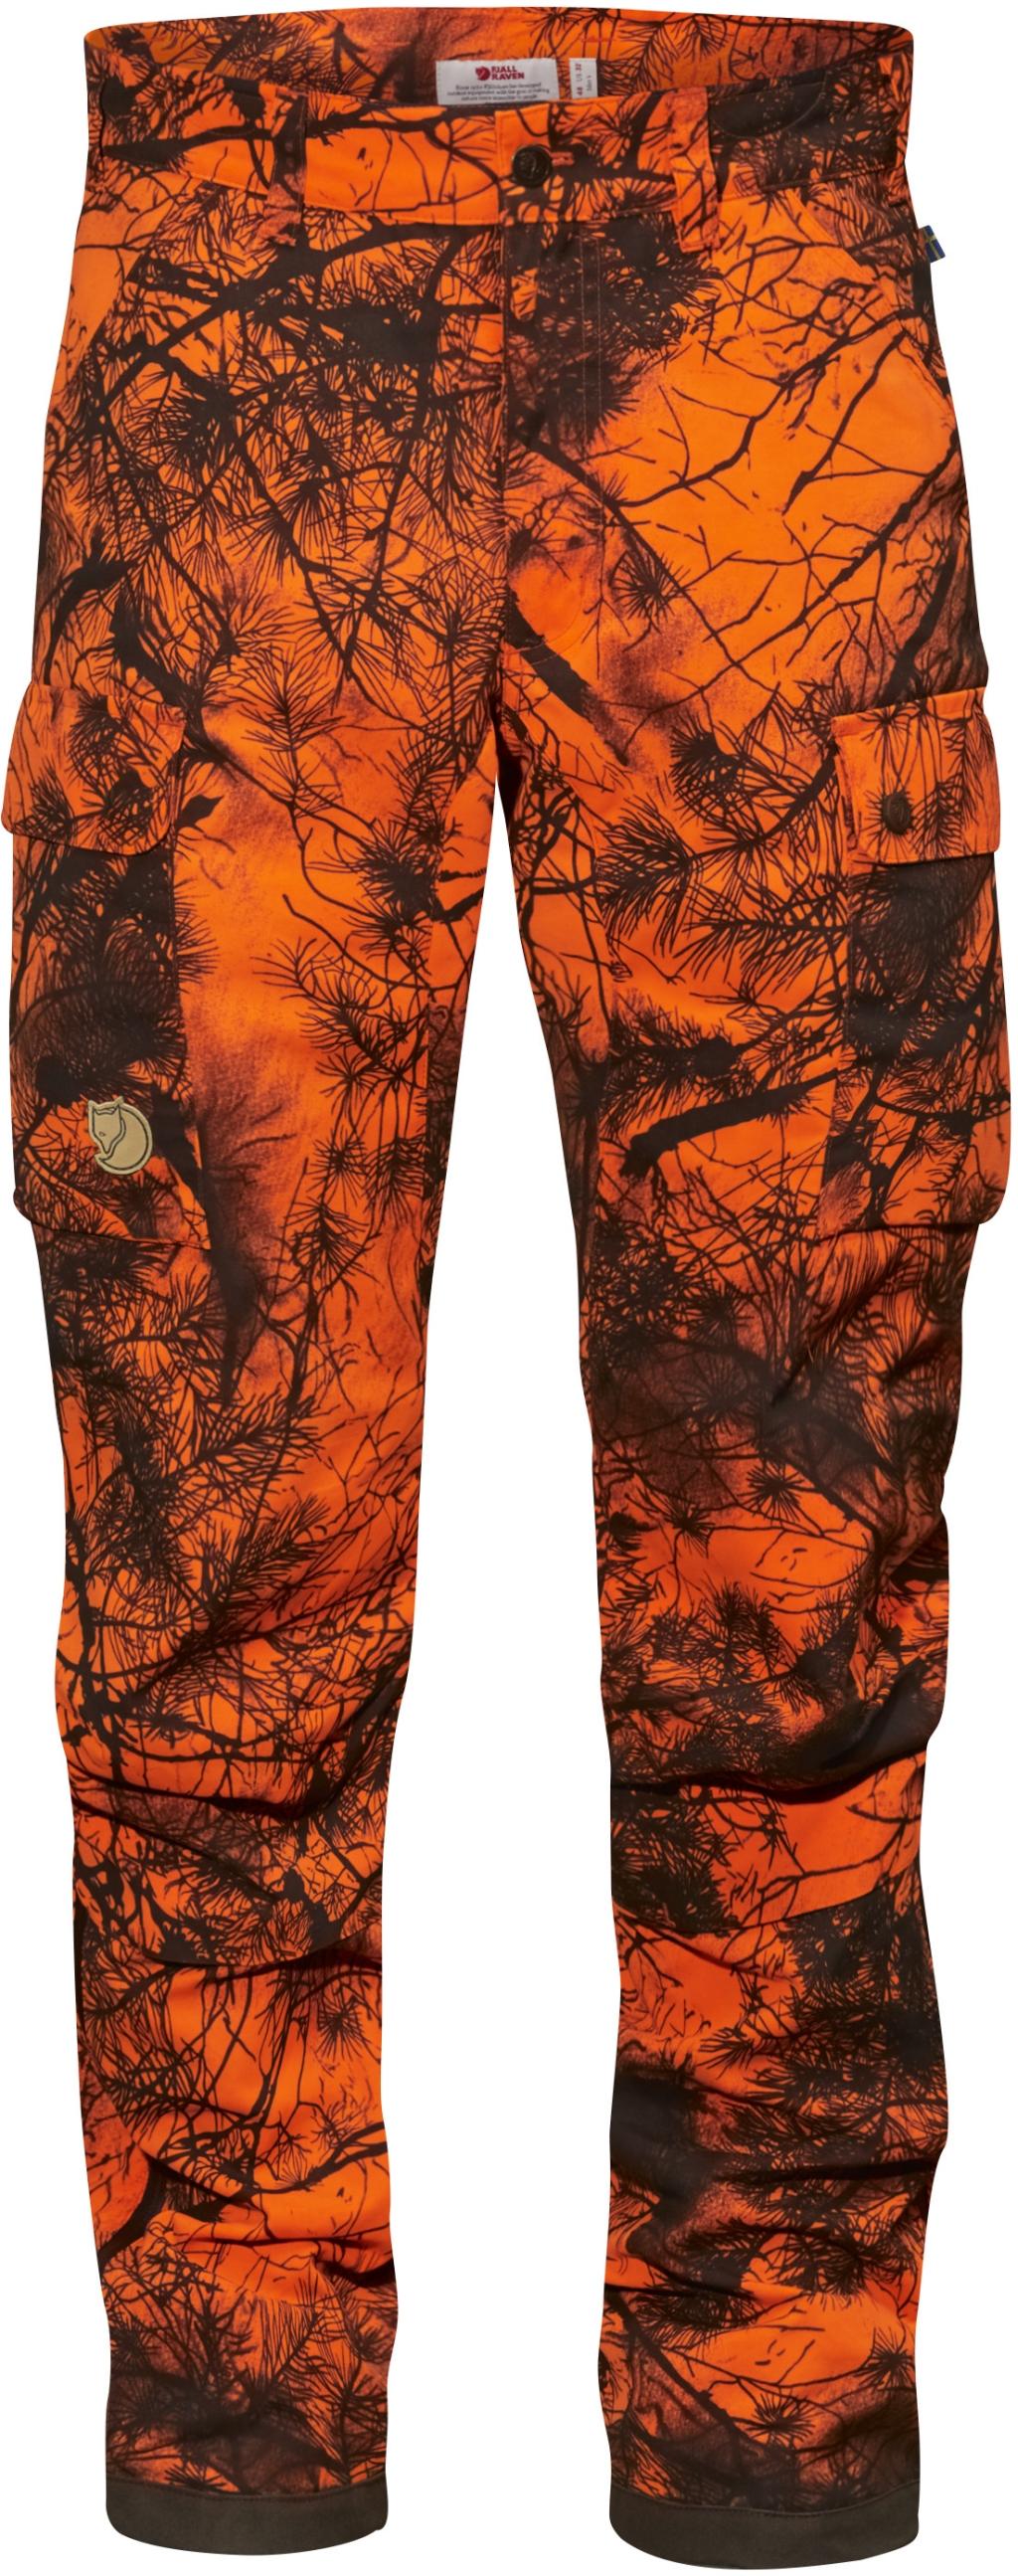 FjallRaven Brenner Pro Winter Trousers Camo Orange Camo-30